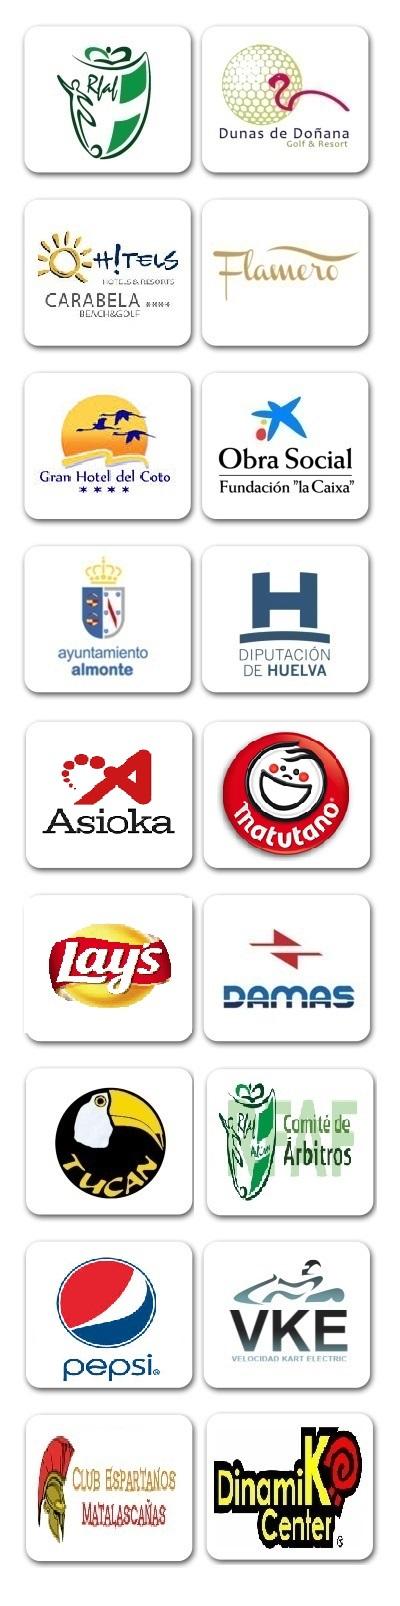 patrocinadores-barra-lateral2 - copia